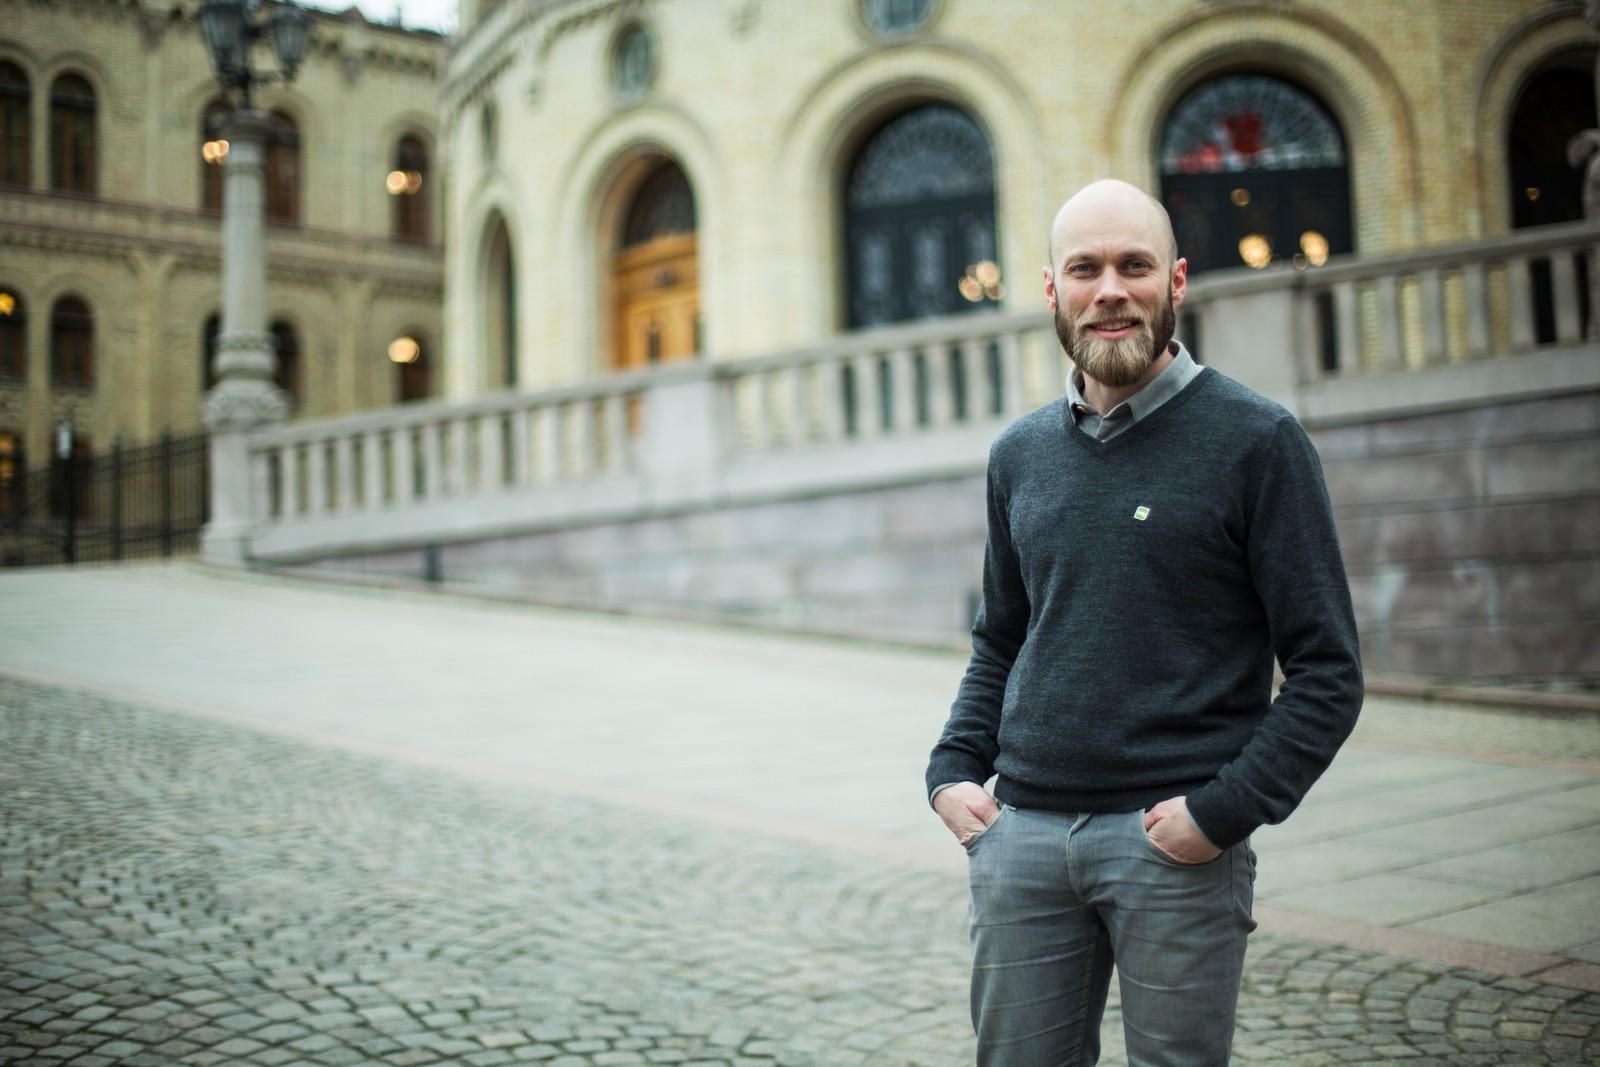 Mikal Nerberg måtte ta noen runder med seg selv før han bestemte seg for å jobbe mot Stortinget, men nå er han klar for å være stemmen fra Nord-Troms.